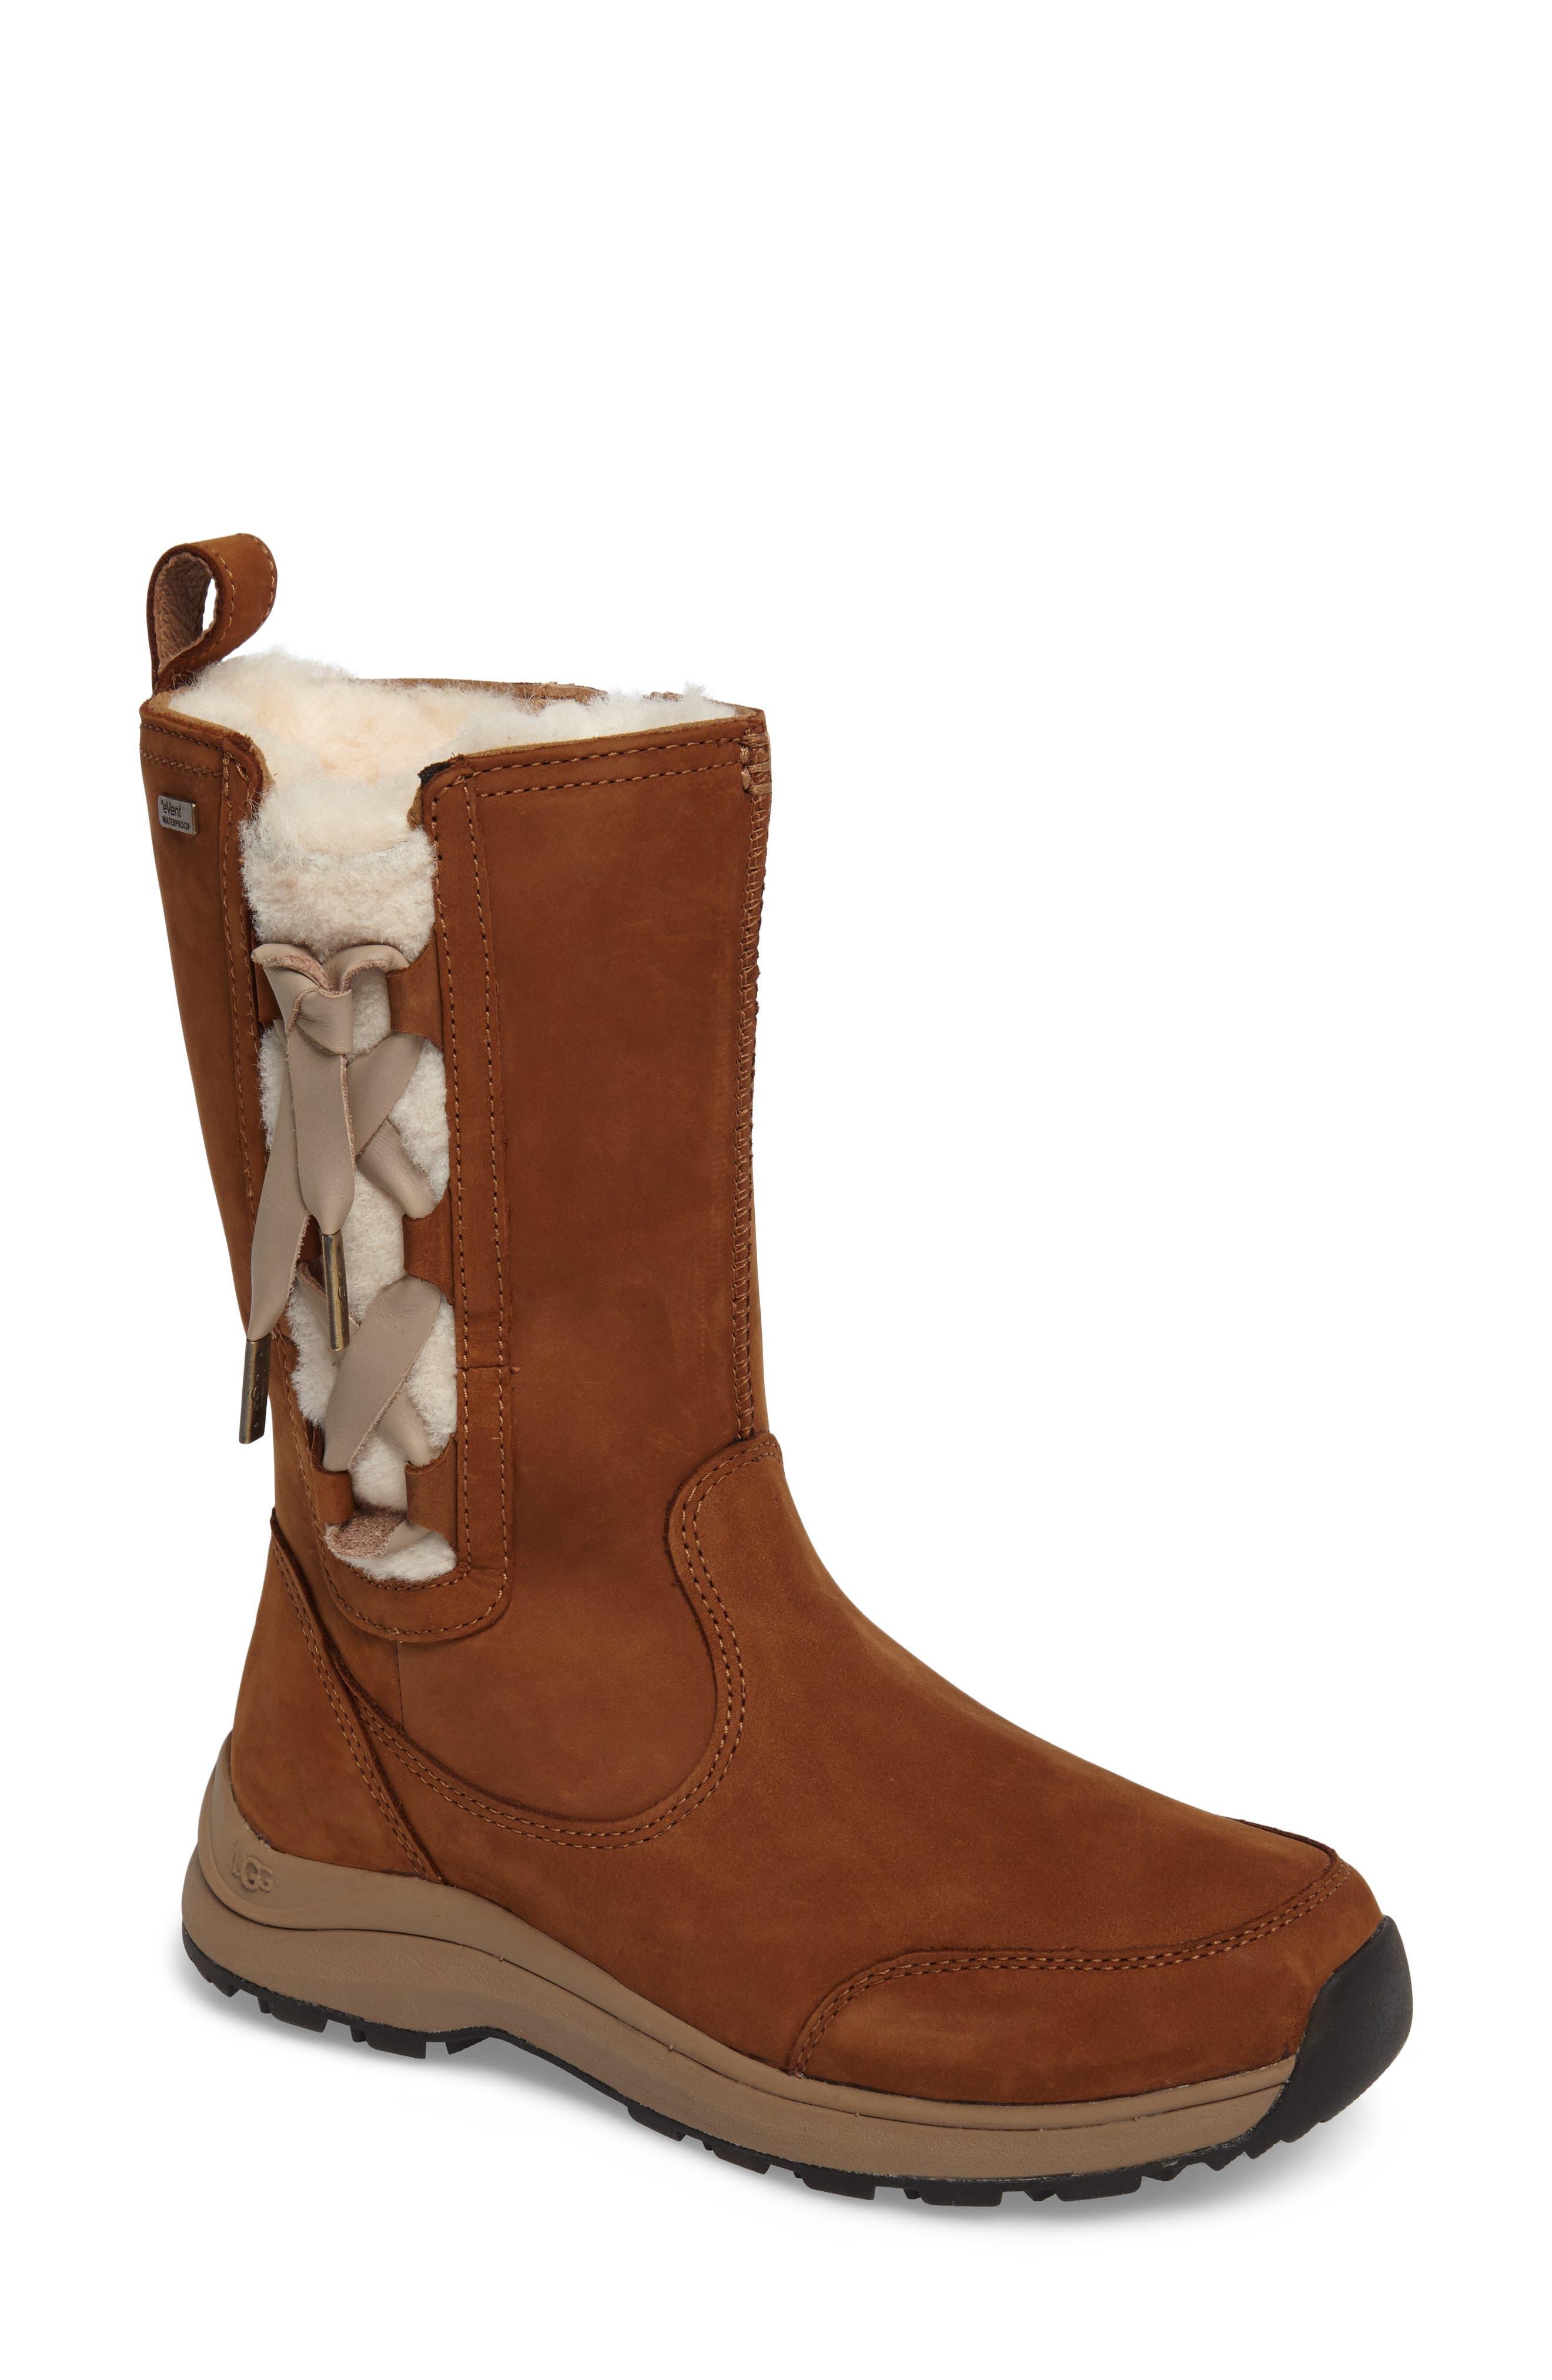 Main Image - UGG® Suvi Waterproof Insulated Winter Boot (Women)